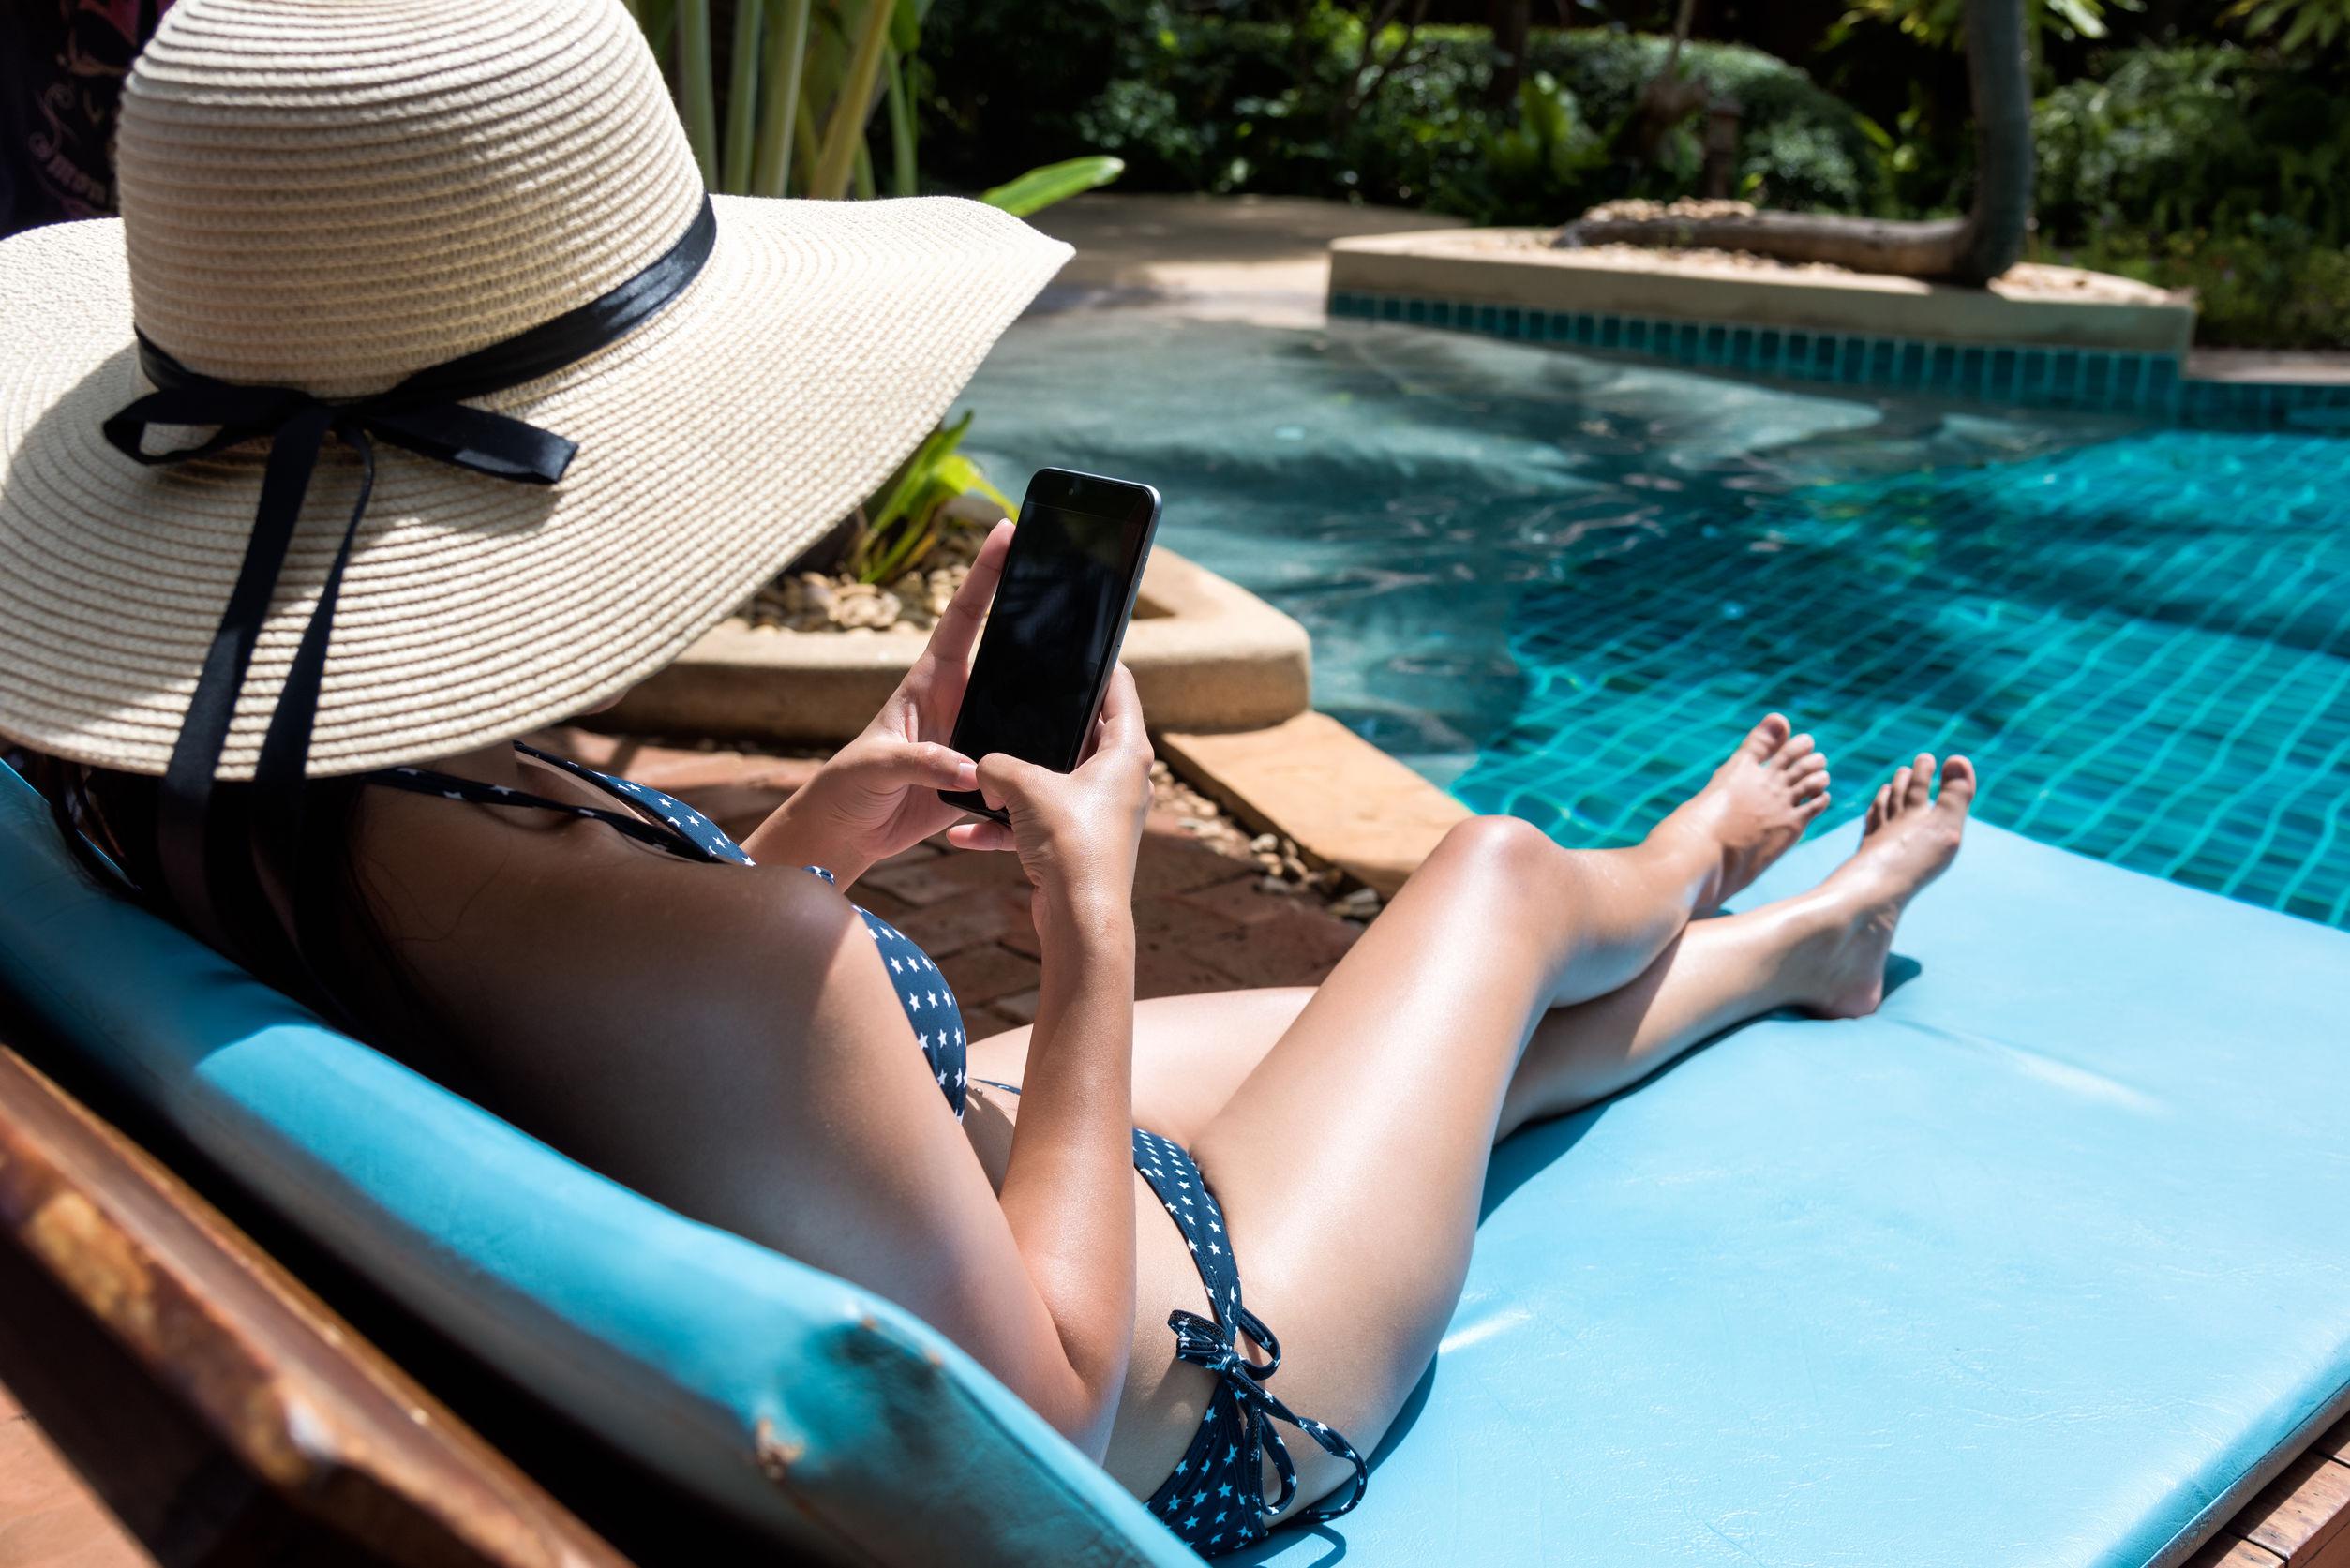 ¿Qué son y qué ventajas tienen las piscinas inteligentes?